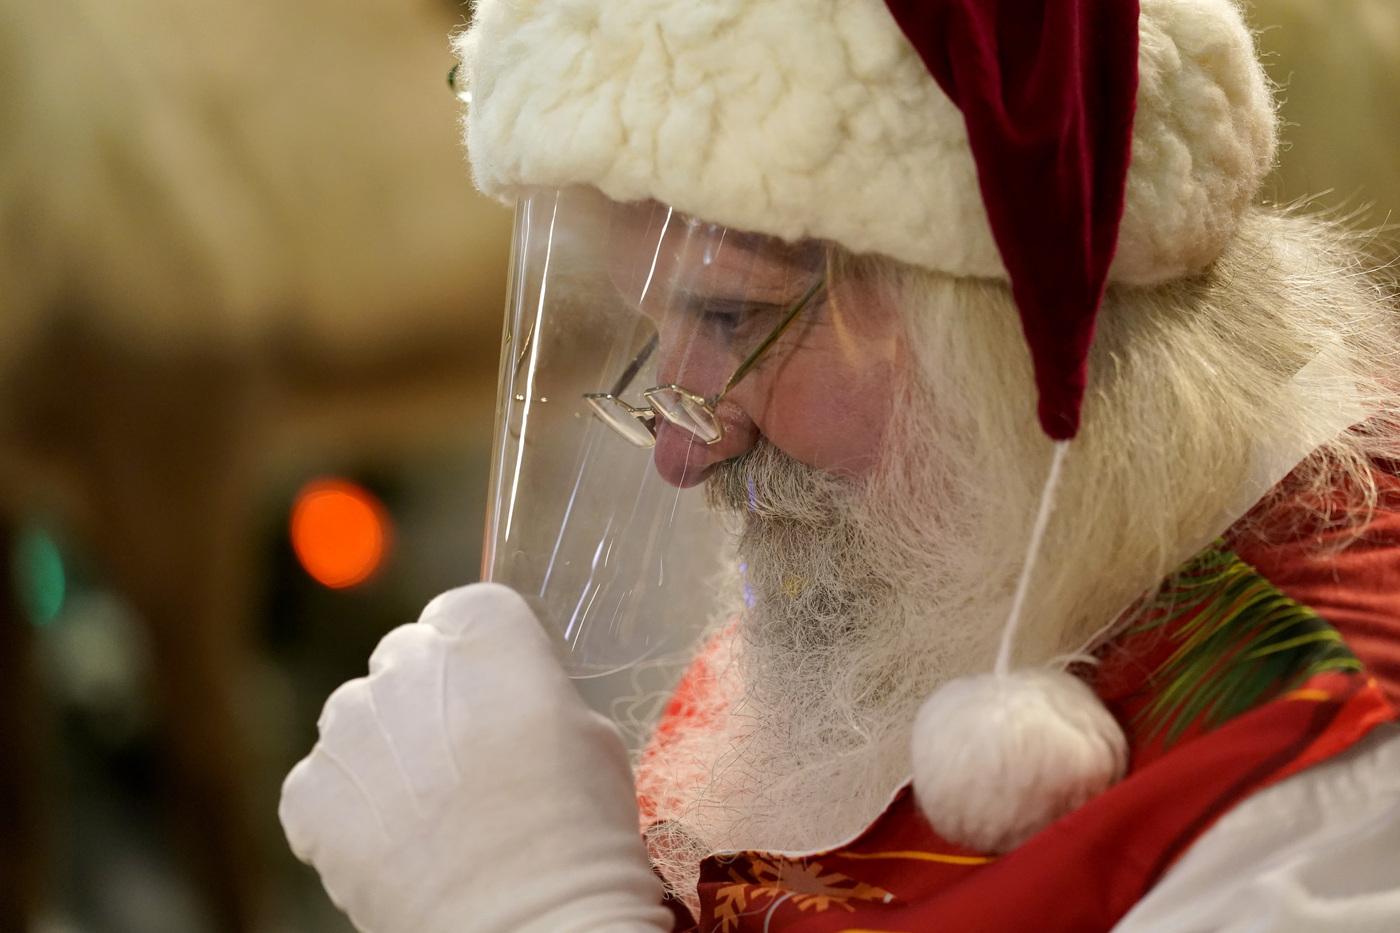 Festività ai tempi del Covid: in un Comune Babbo Natale arriverà via web